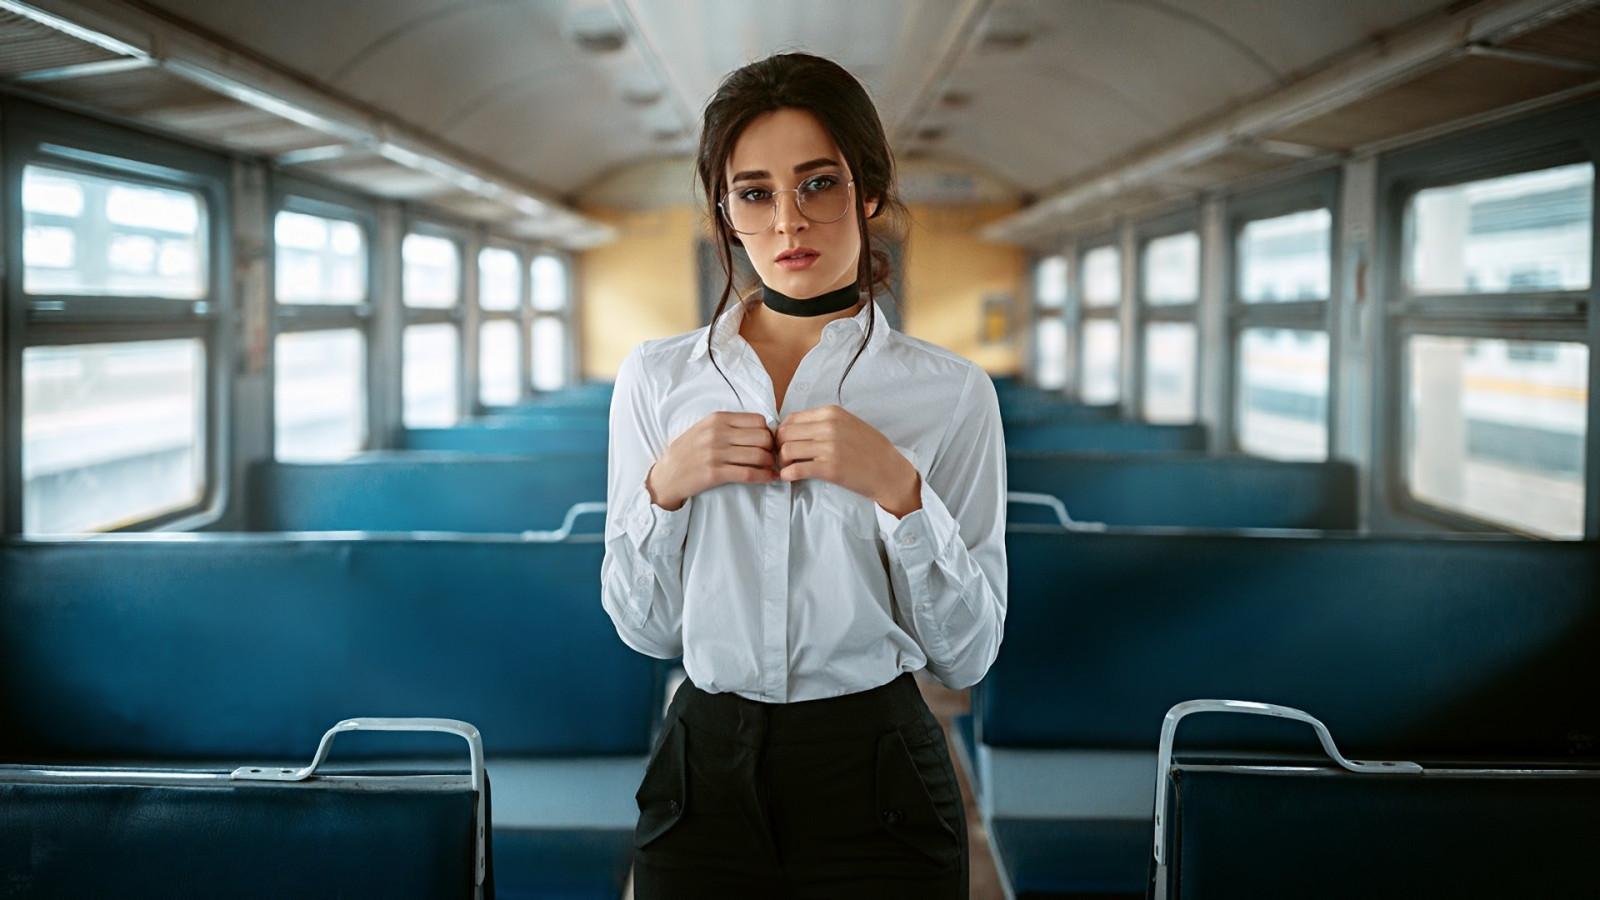 красивые девушки в автобусе фото моя